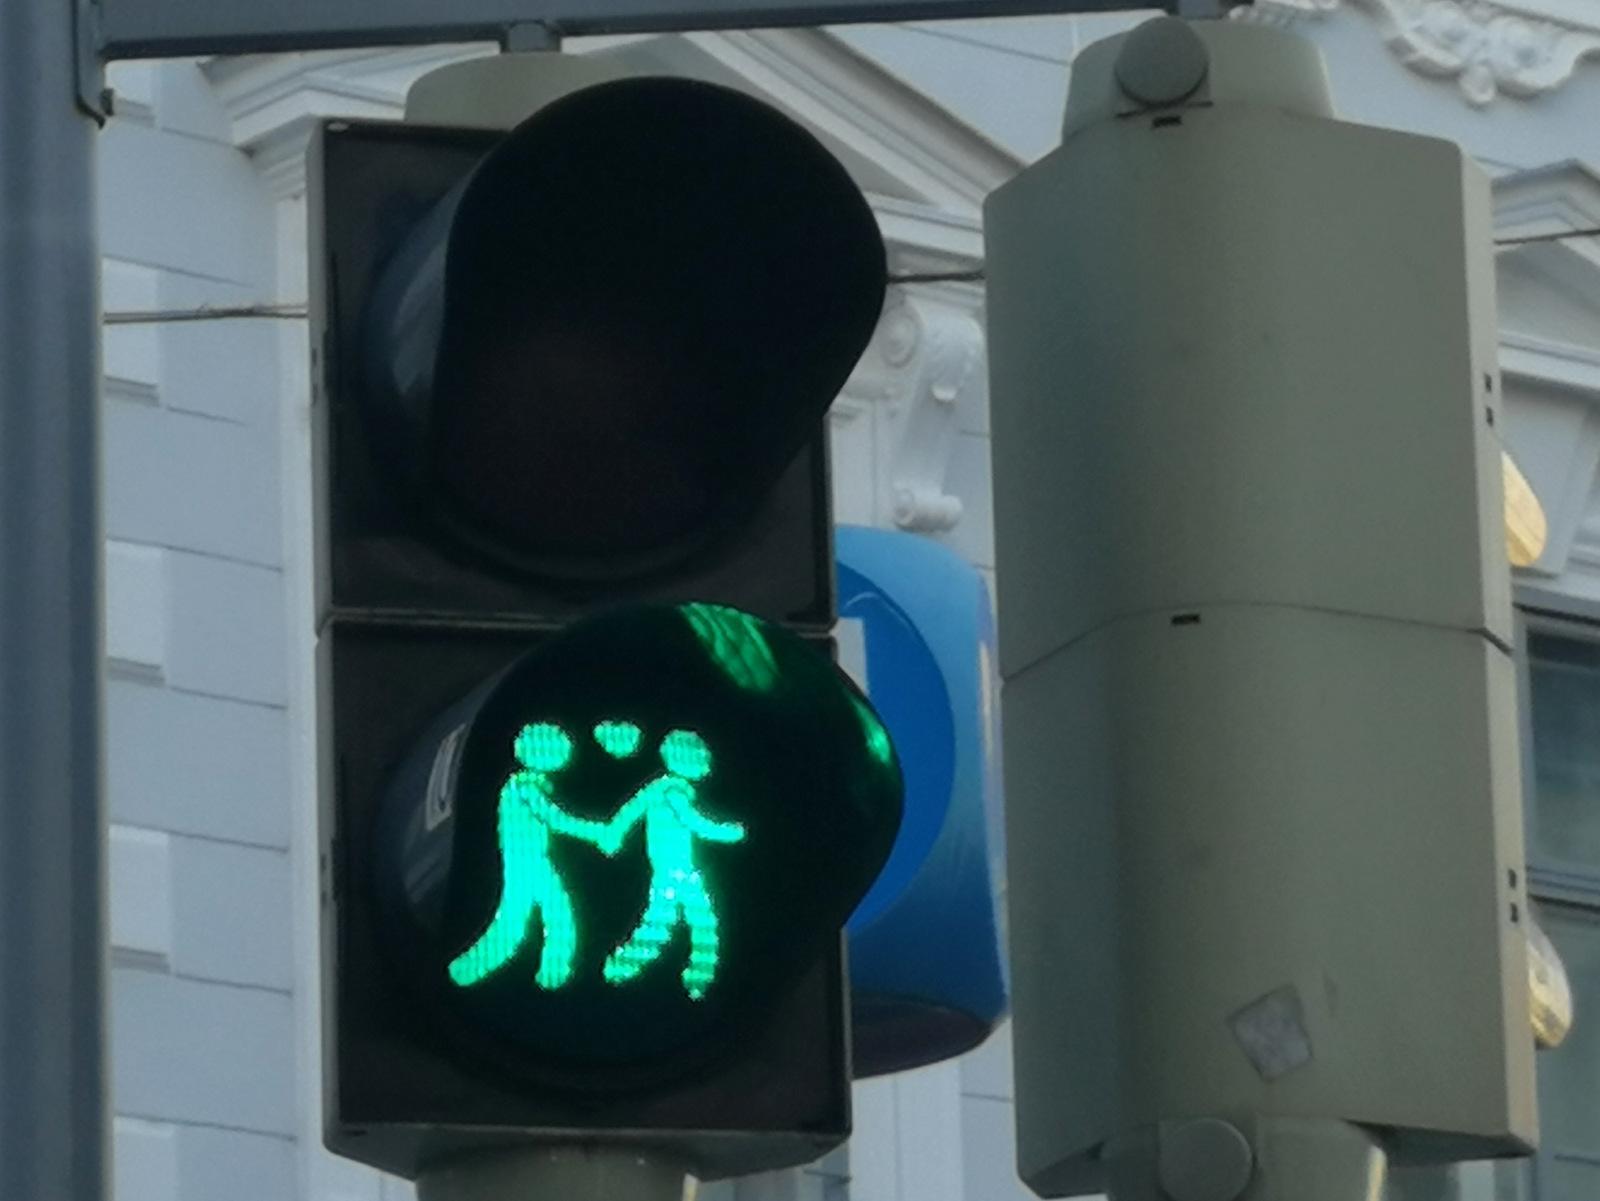 Zanimiv dunajski semafor